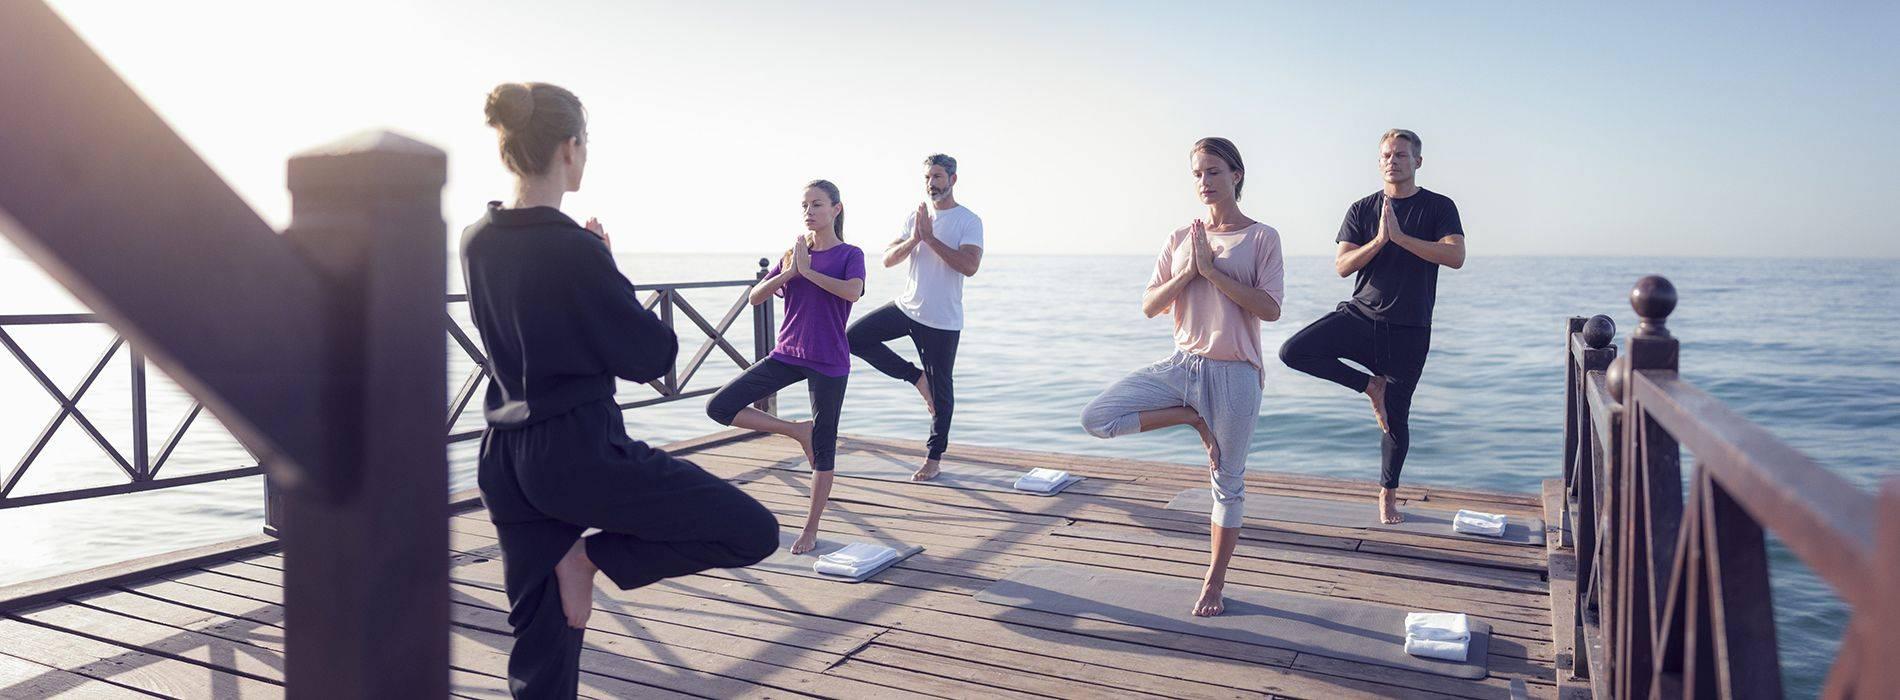 健康とフィットネスの休日ヨーロッパ